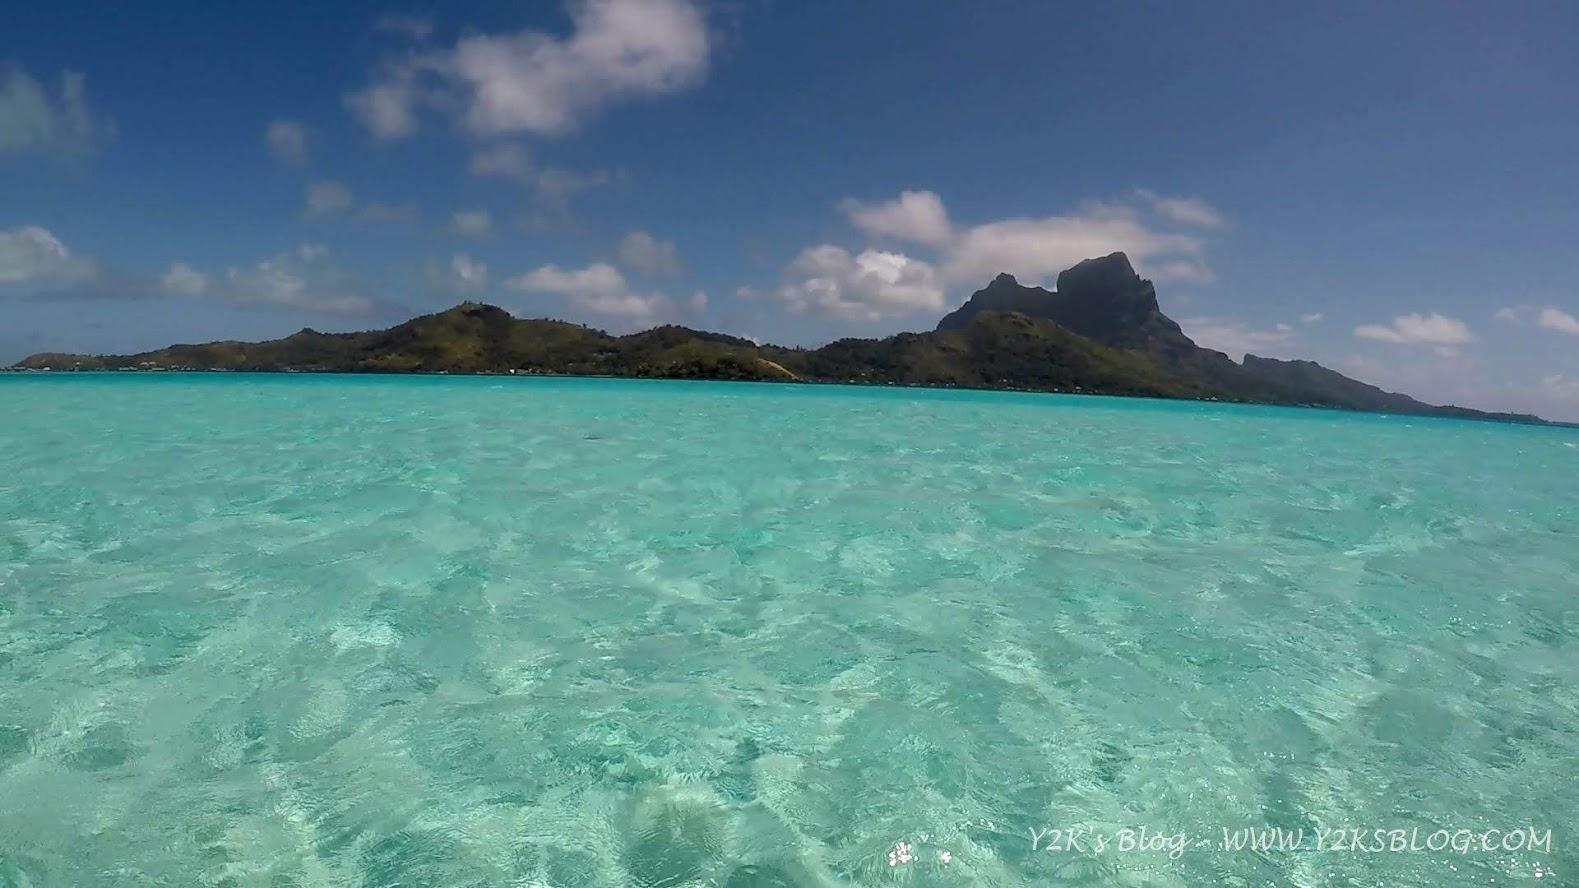 Monte Otemanu sullo sfondo - Bora Bora